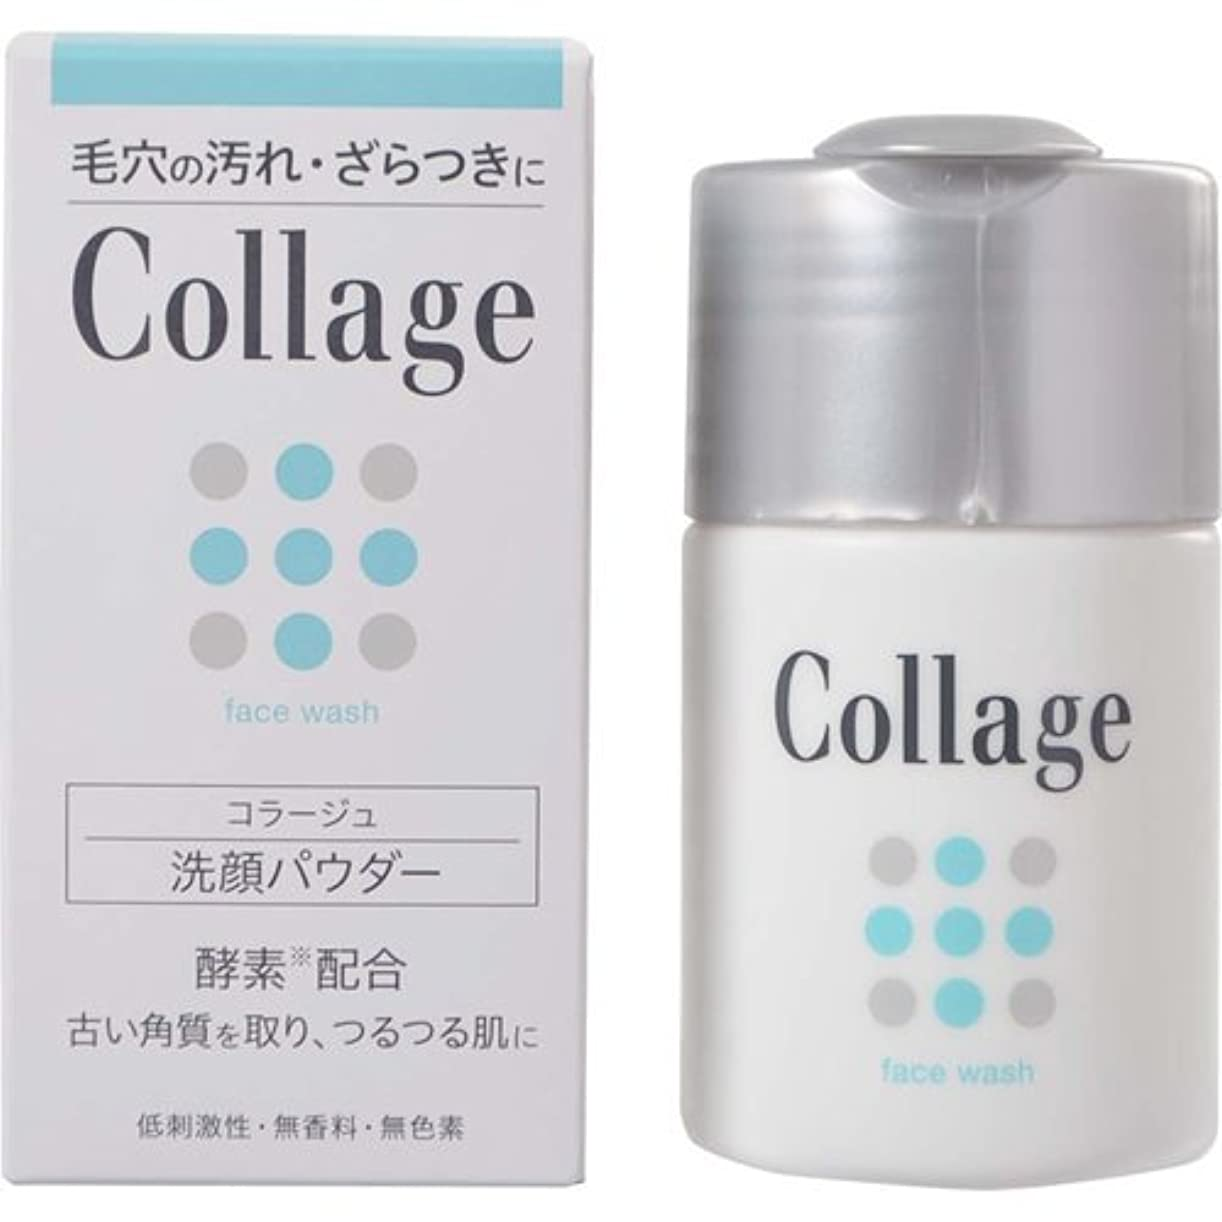 メインエンコミウムコークスコラージュ 洗顔パウダー 40g×6個